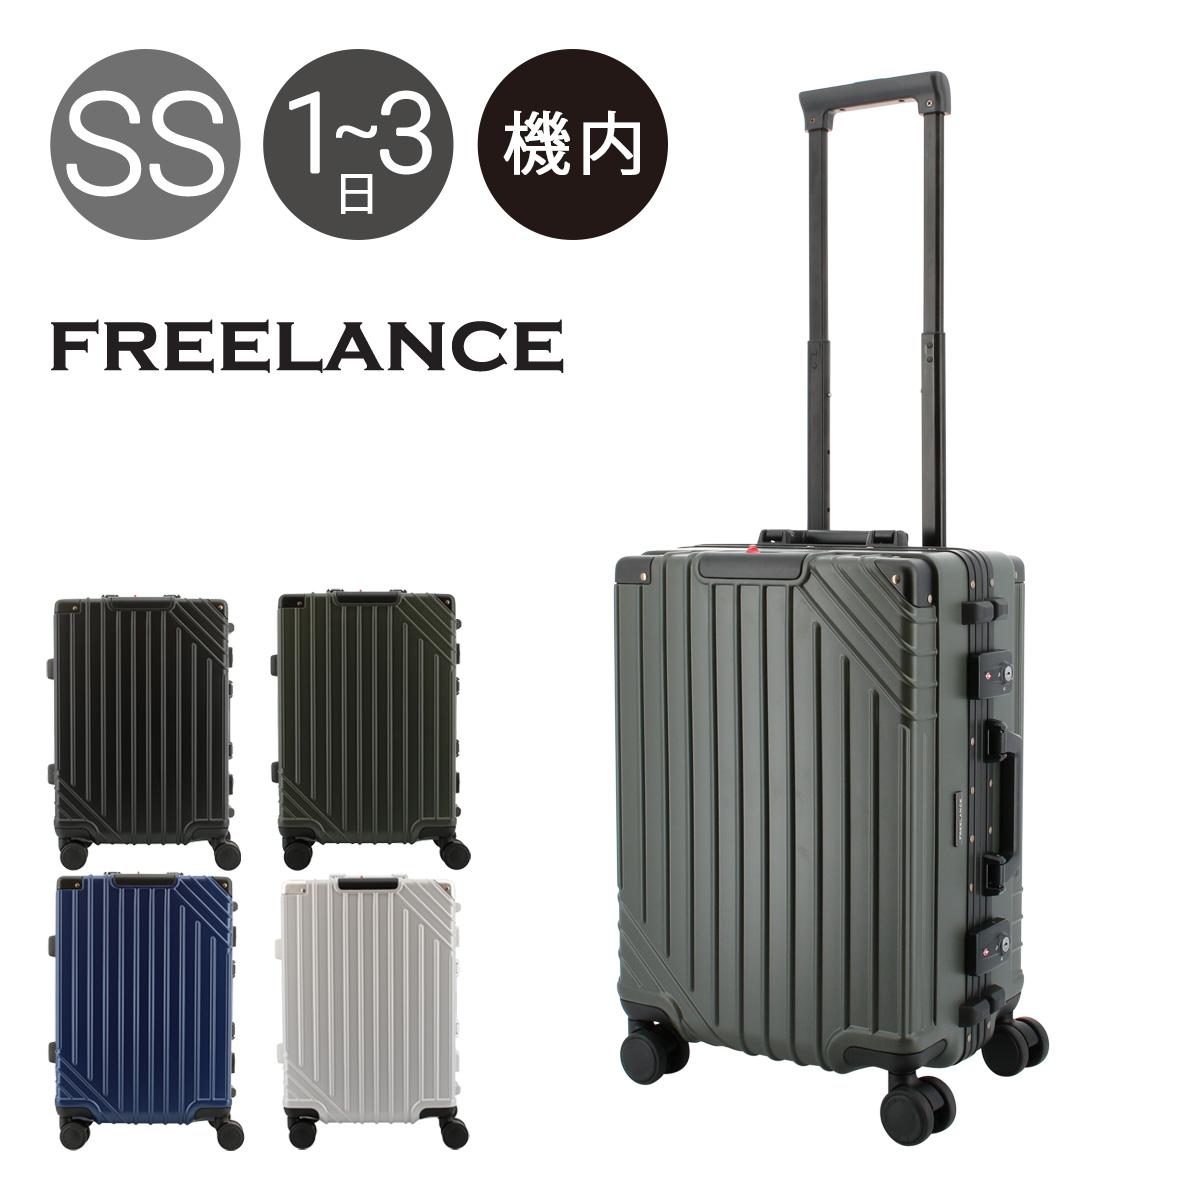 フリーランス スーツケース 37L 48cm 3.6kgFLT-018 FREELAMCE | ハード フレーム | TSAロック搭載 キャリーバッグ キャリーケース [12/29][PO5]